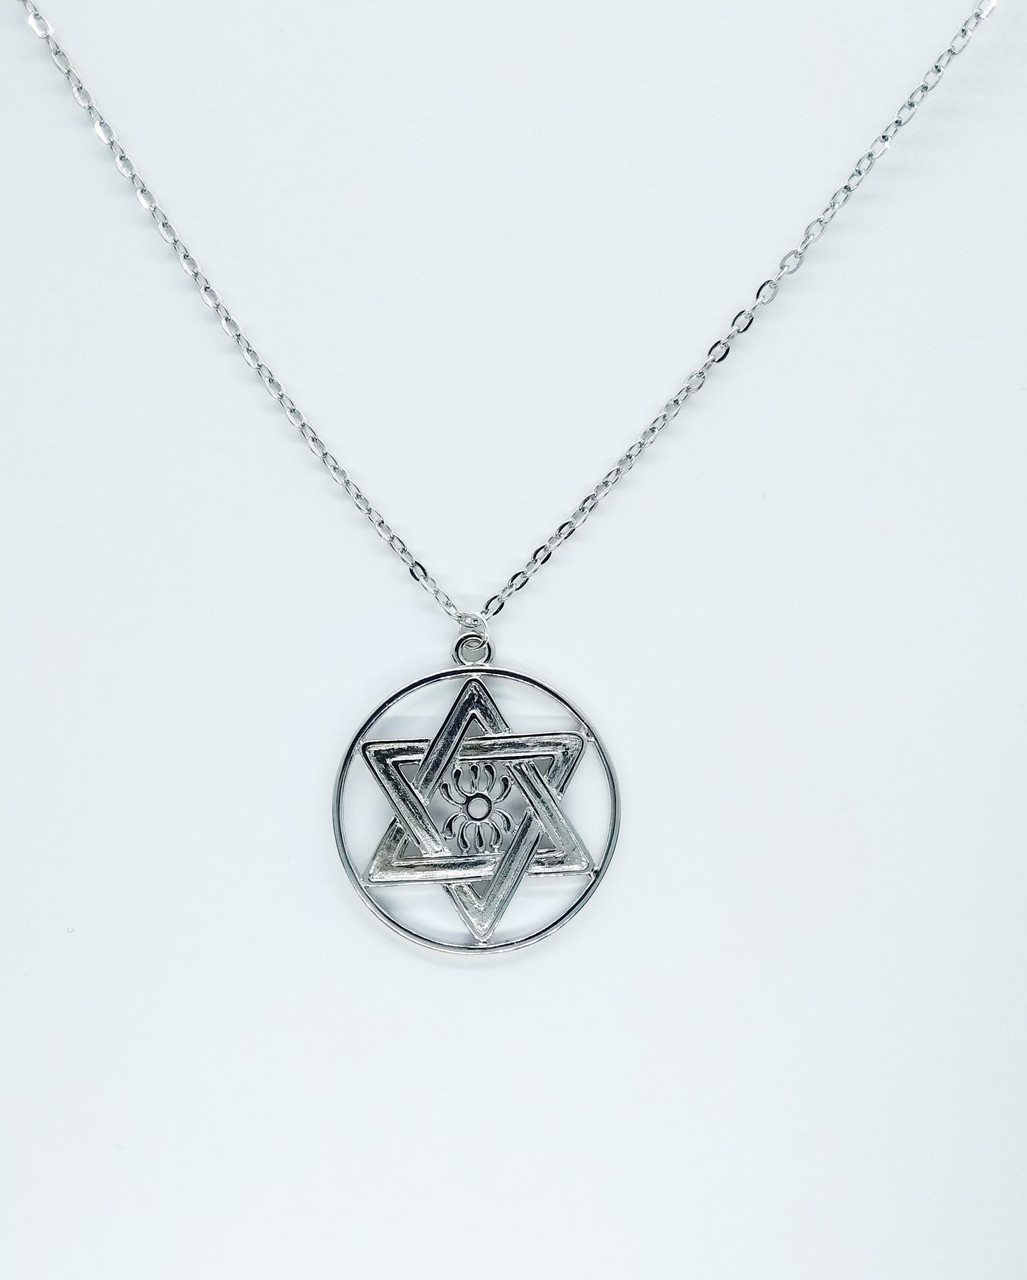 Подвеска кулон Звезда Давида Шестиконечная шестигранная еврейская амулет оберег талисман